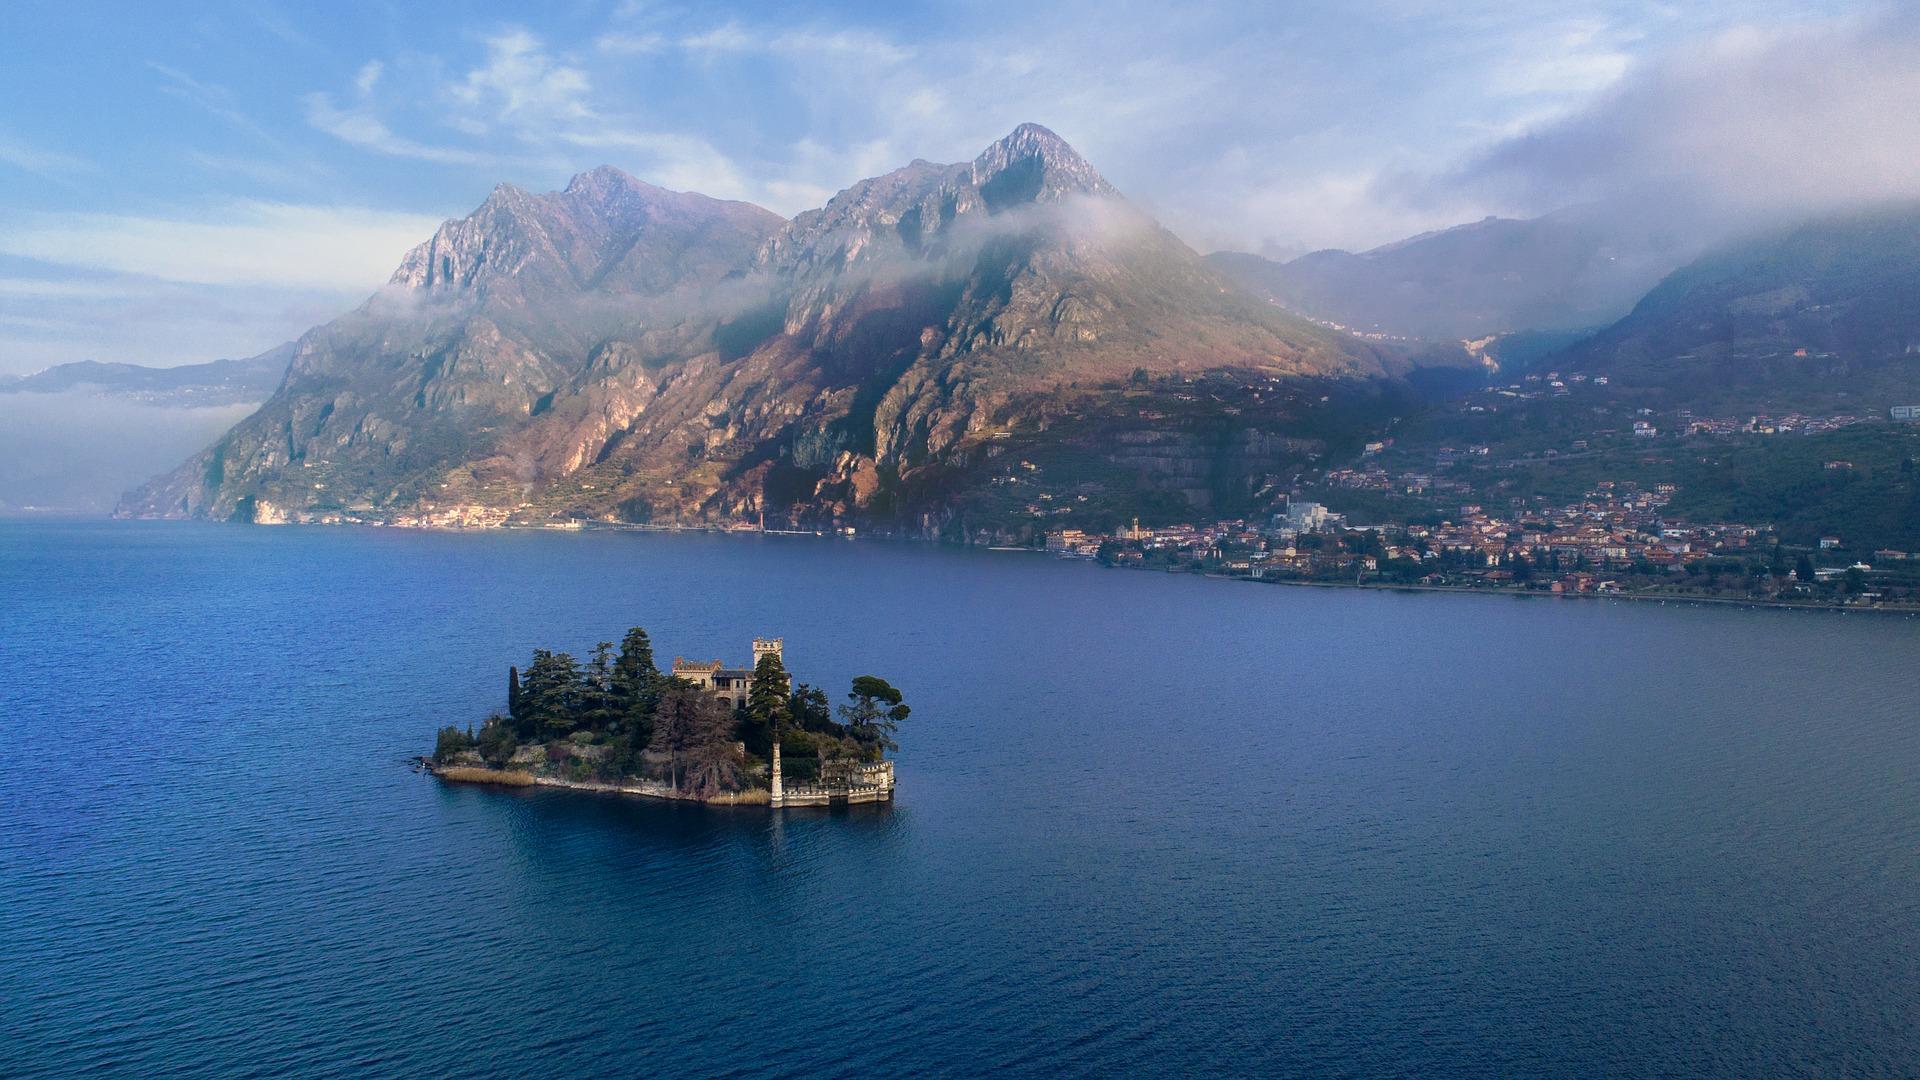 Iseomeer Italië